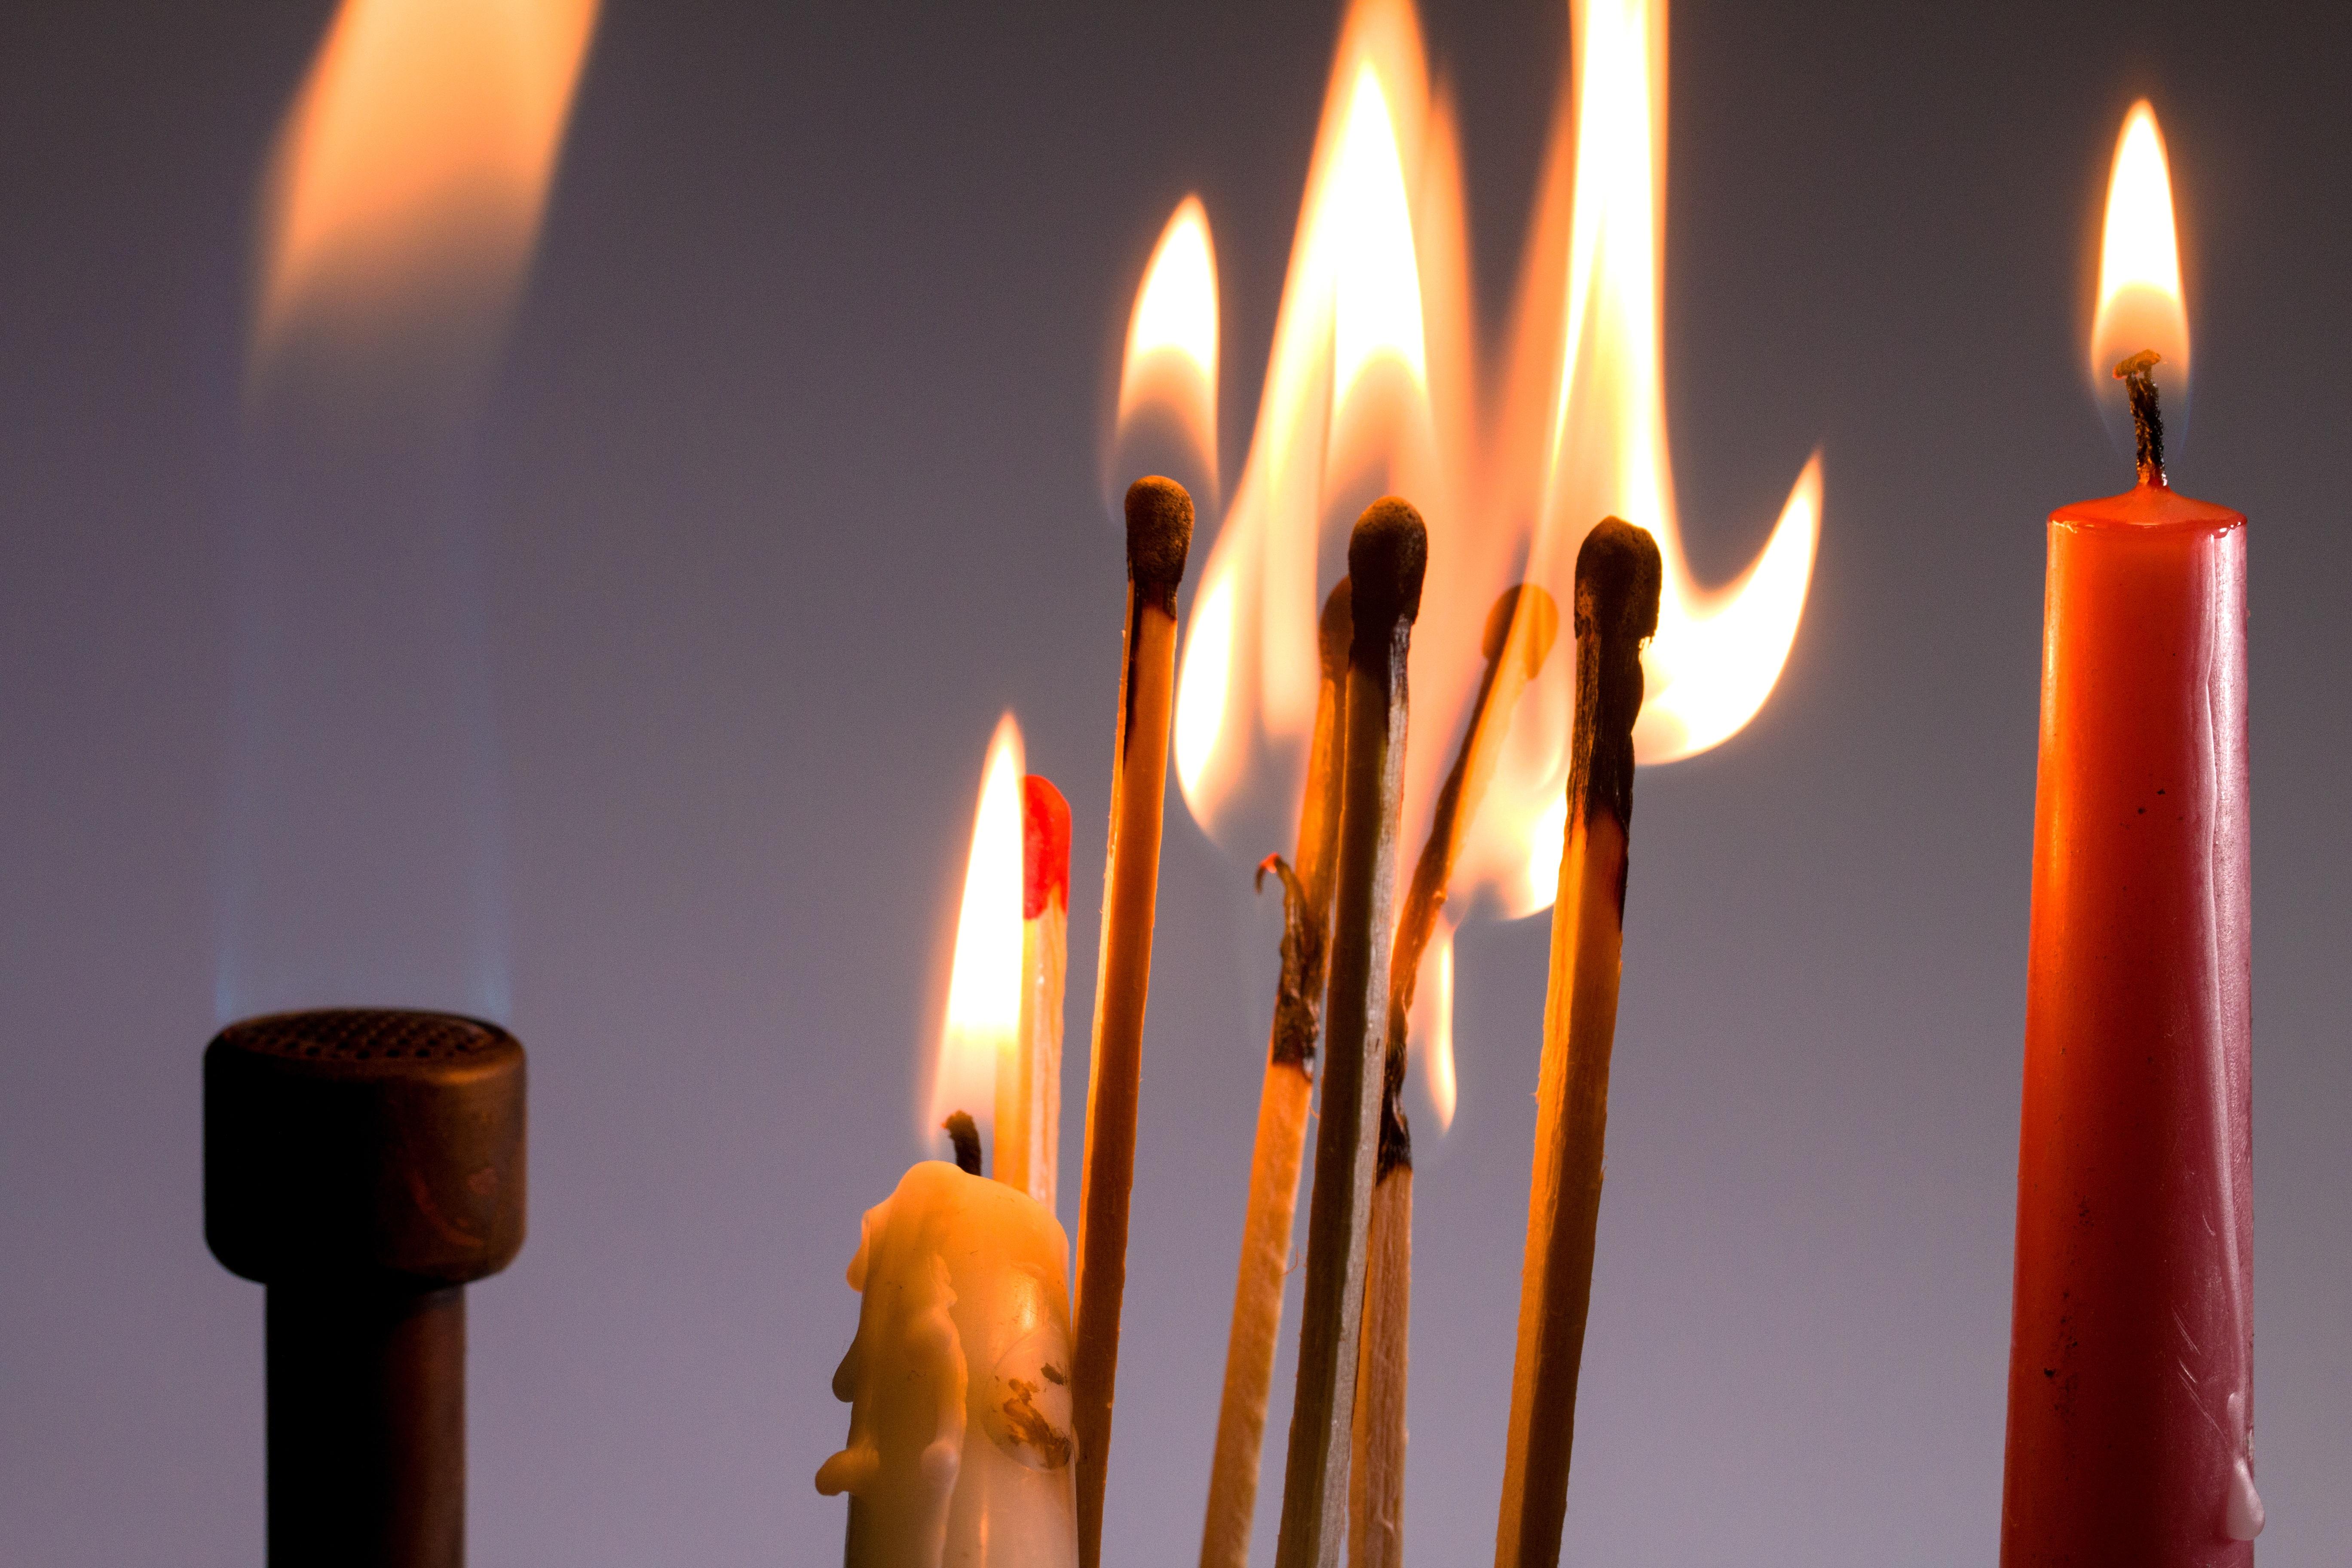 images gratuites lumi re flamme feu bougie clairage bougies br leur bougies. Black Bedroom Furniture Sets. Home Design Ideas